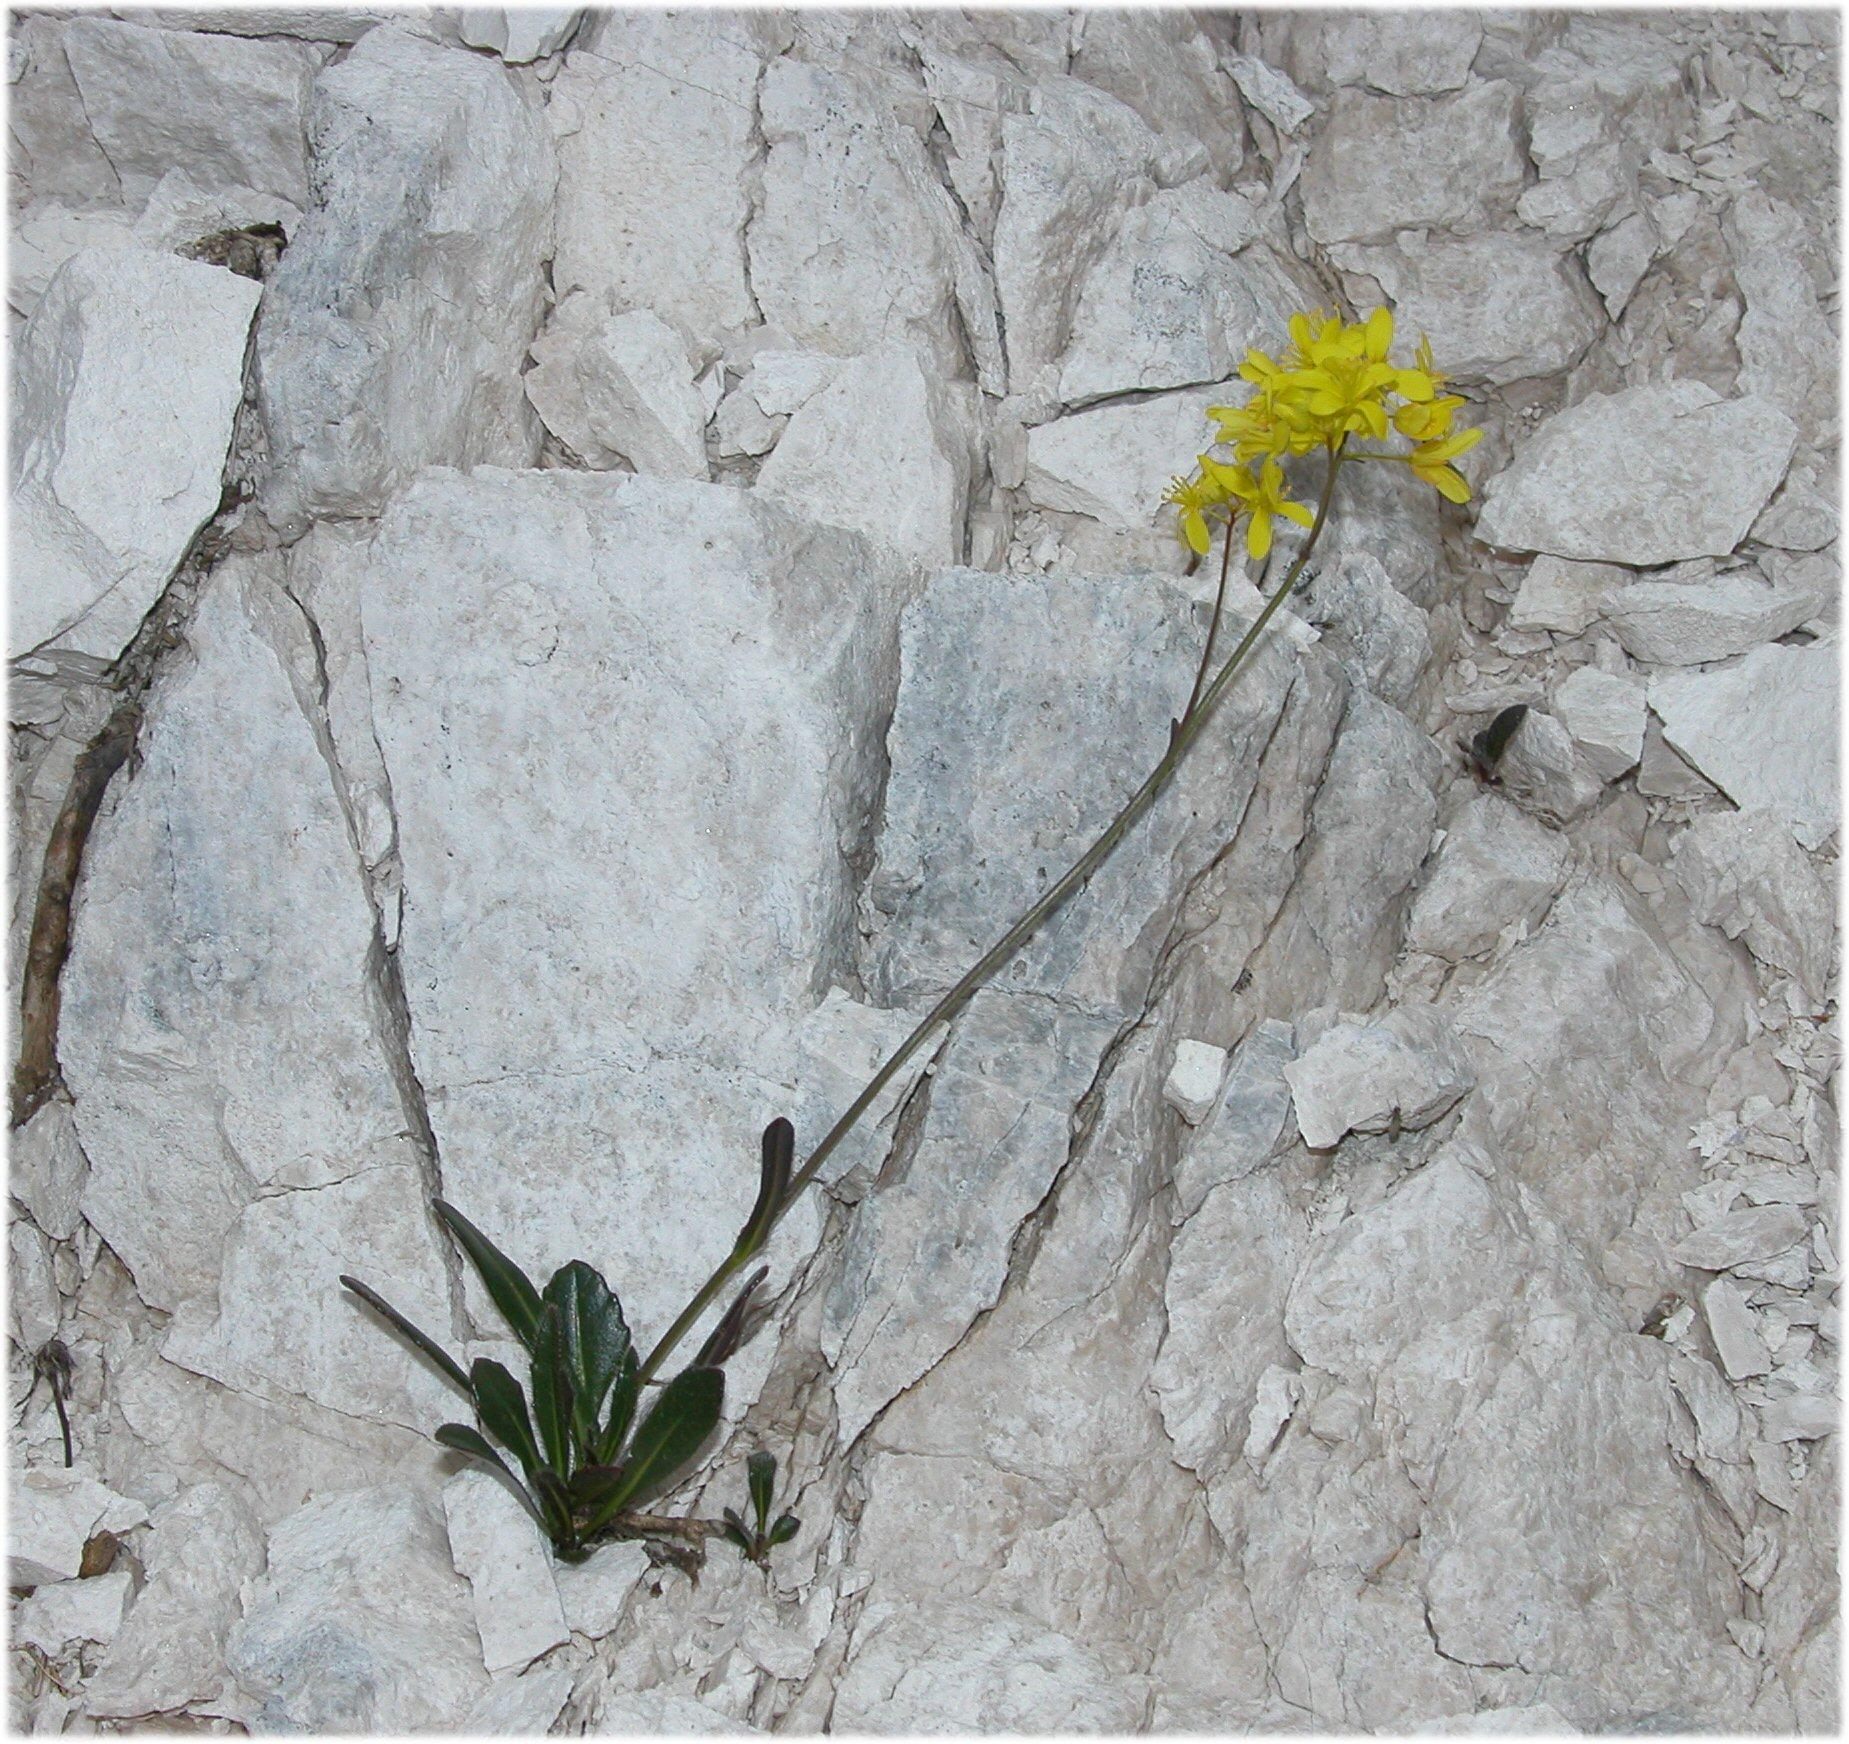 © Dipartimento di Scienze della Vita, Università degli Studi di Trieste<br>by Andrea Moro<br>Comune di Chiusaforte, località Sella Nevea, Monte Canin., UD, FVG, Italia, 19/07/05 <br>Distributed under CC-BY-SA 4.0 license.